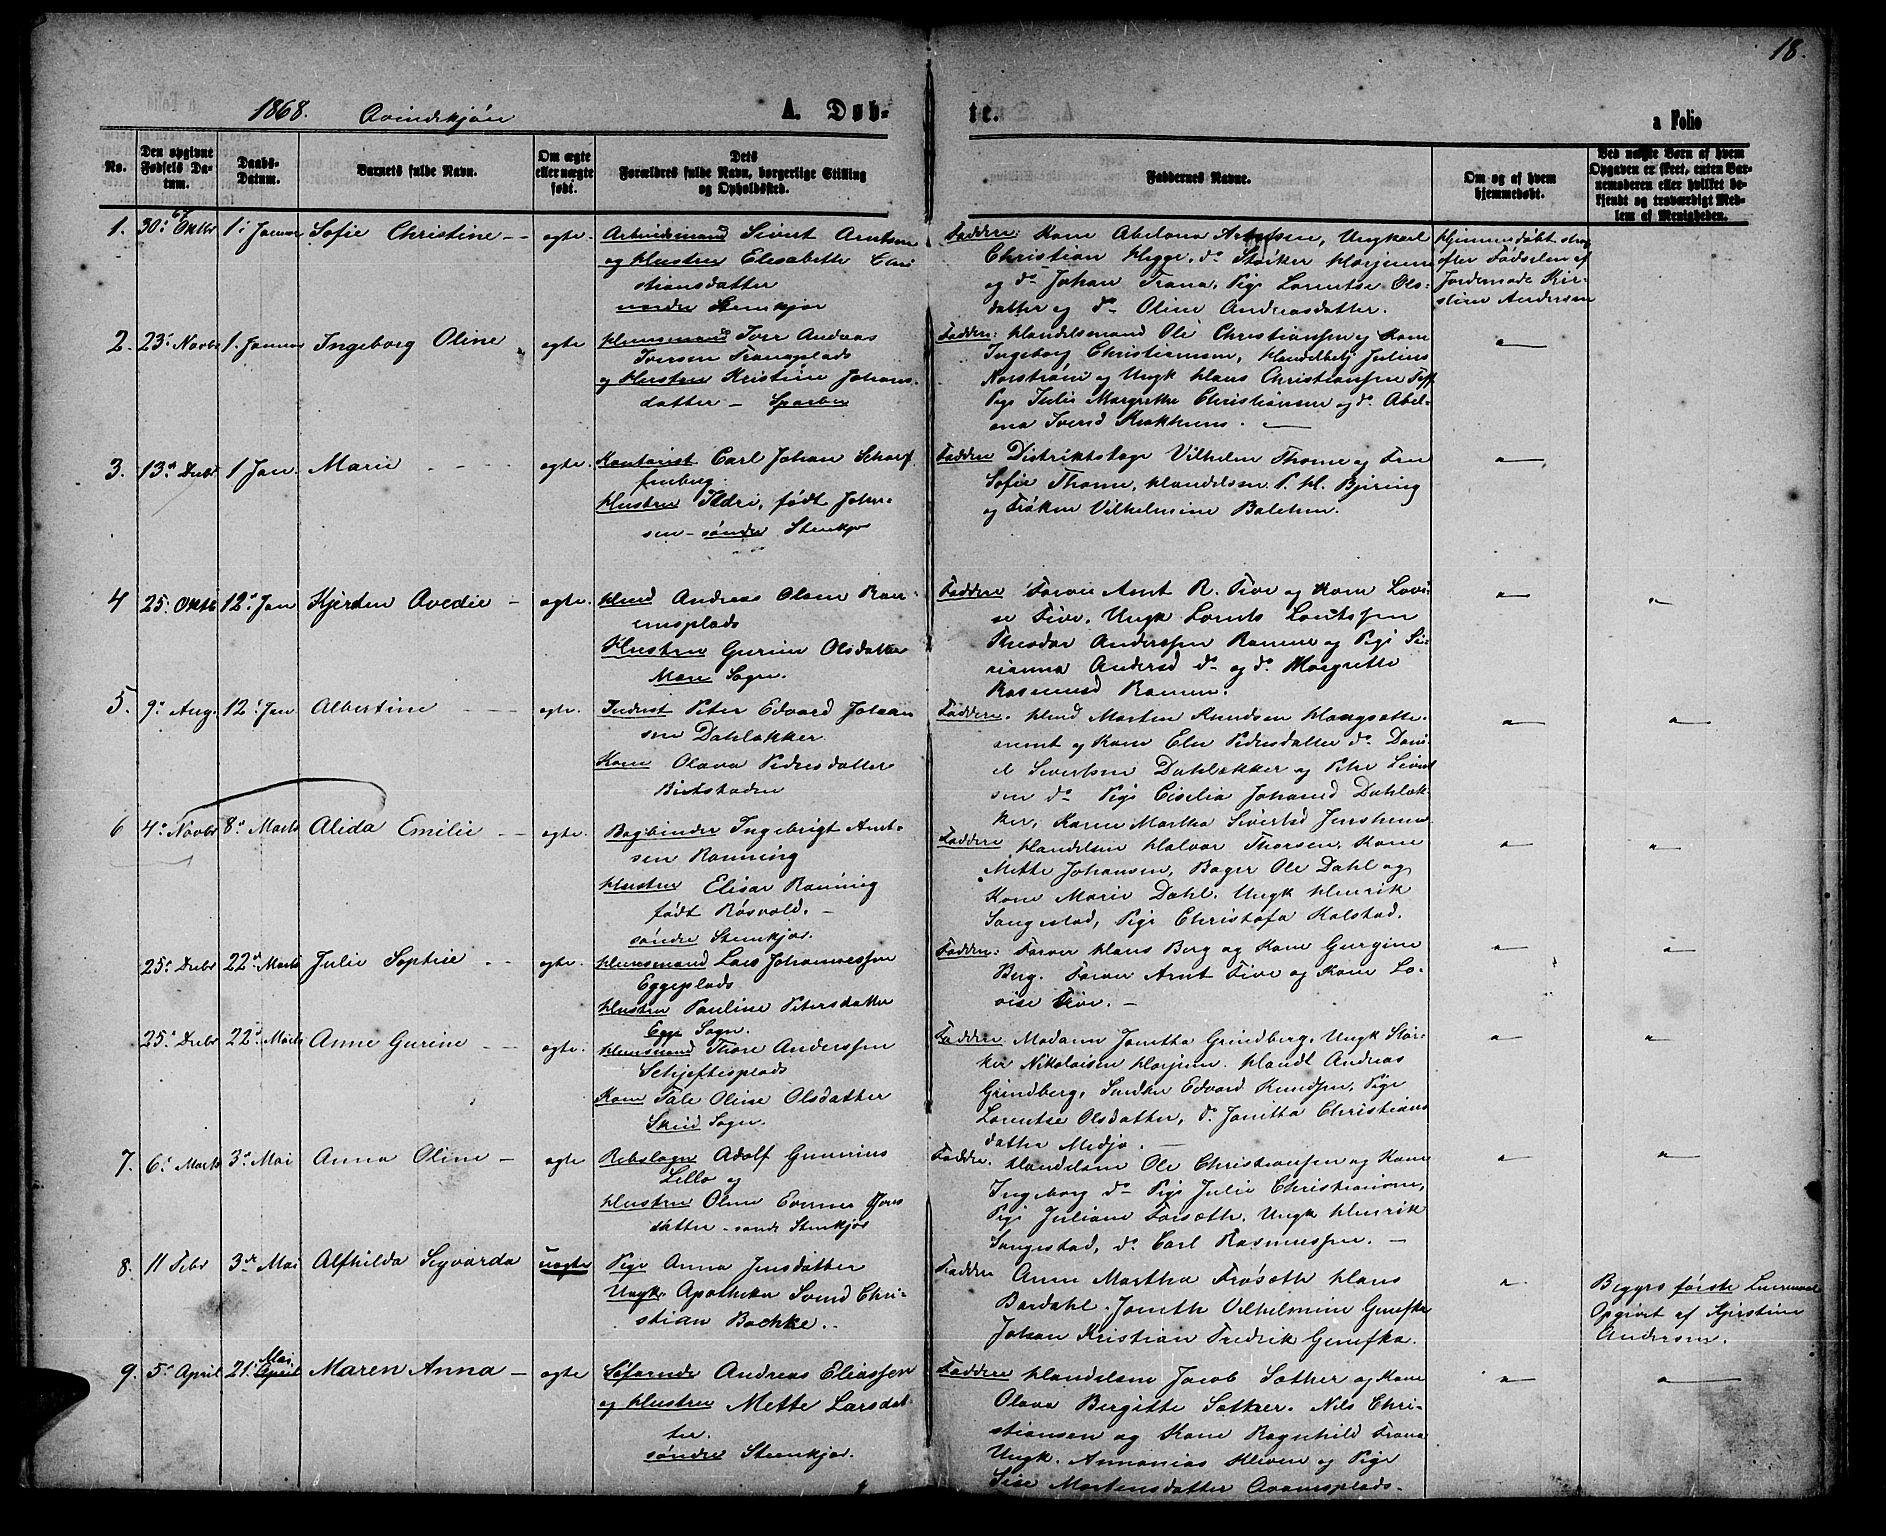 SAT, Ministerialprotokoller, klokkerbøker og fødselsregistre - Nord-Trøndelag, 739/L0373: Klokkerbok nr. 739C01, 1865-1882, s. 18